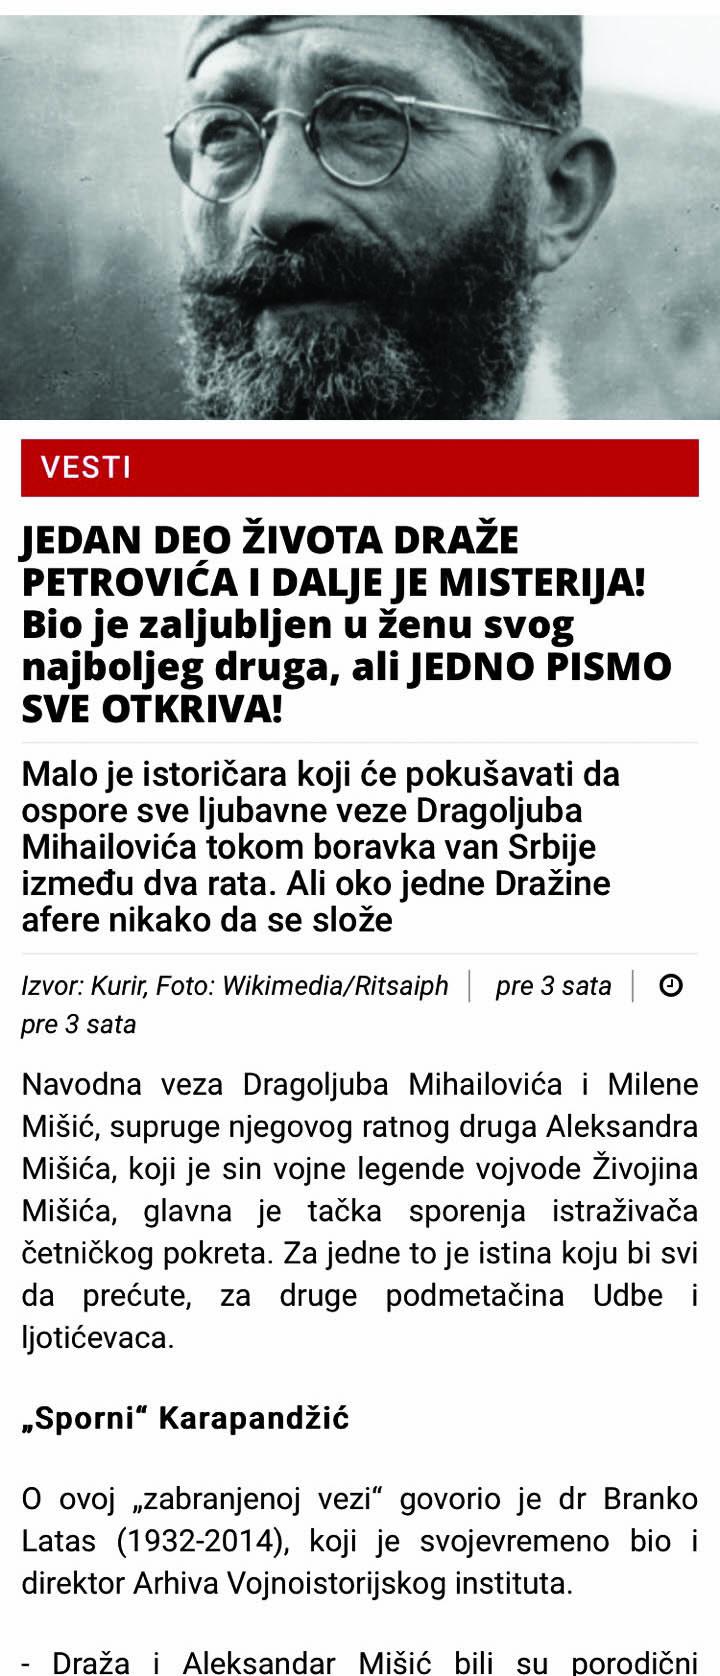 Kako najlakše postati Draža Mihailović 2